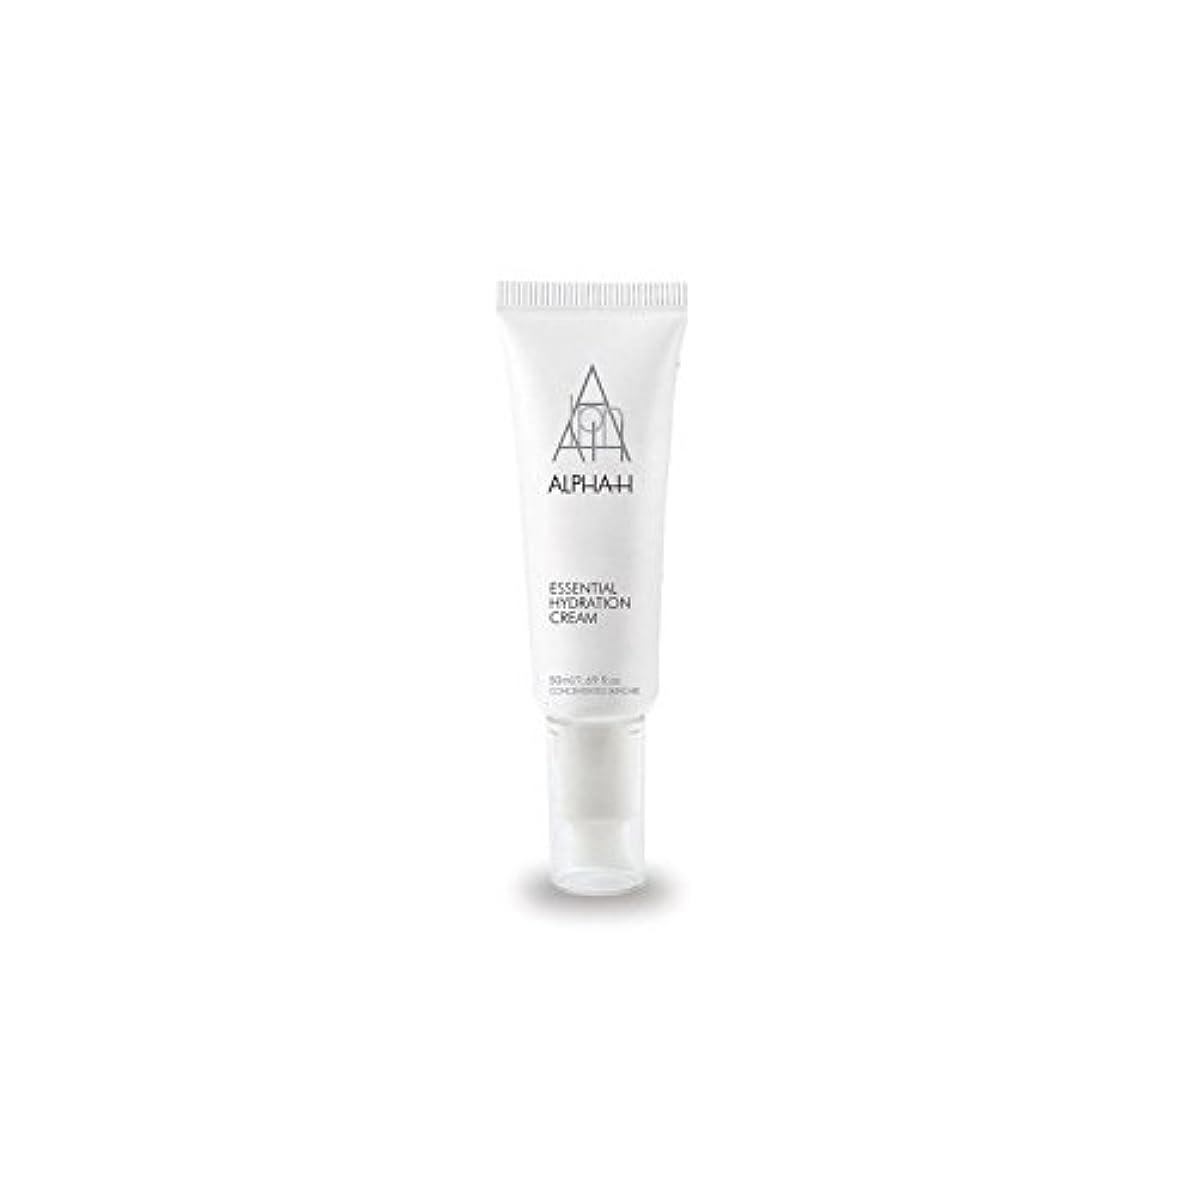 トランクライブラリジュース娘Alpha-H Essential Hydration Cream (50ml) (Pack of 6) - アルファ必須水和クリーム(50)中 x6 [並行輸入品]